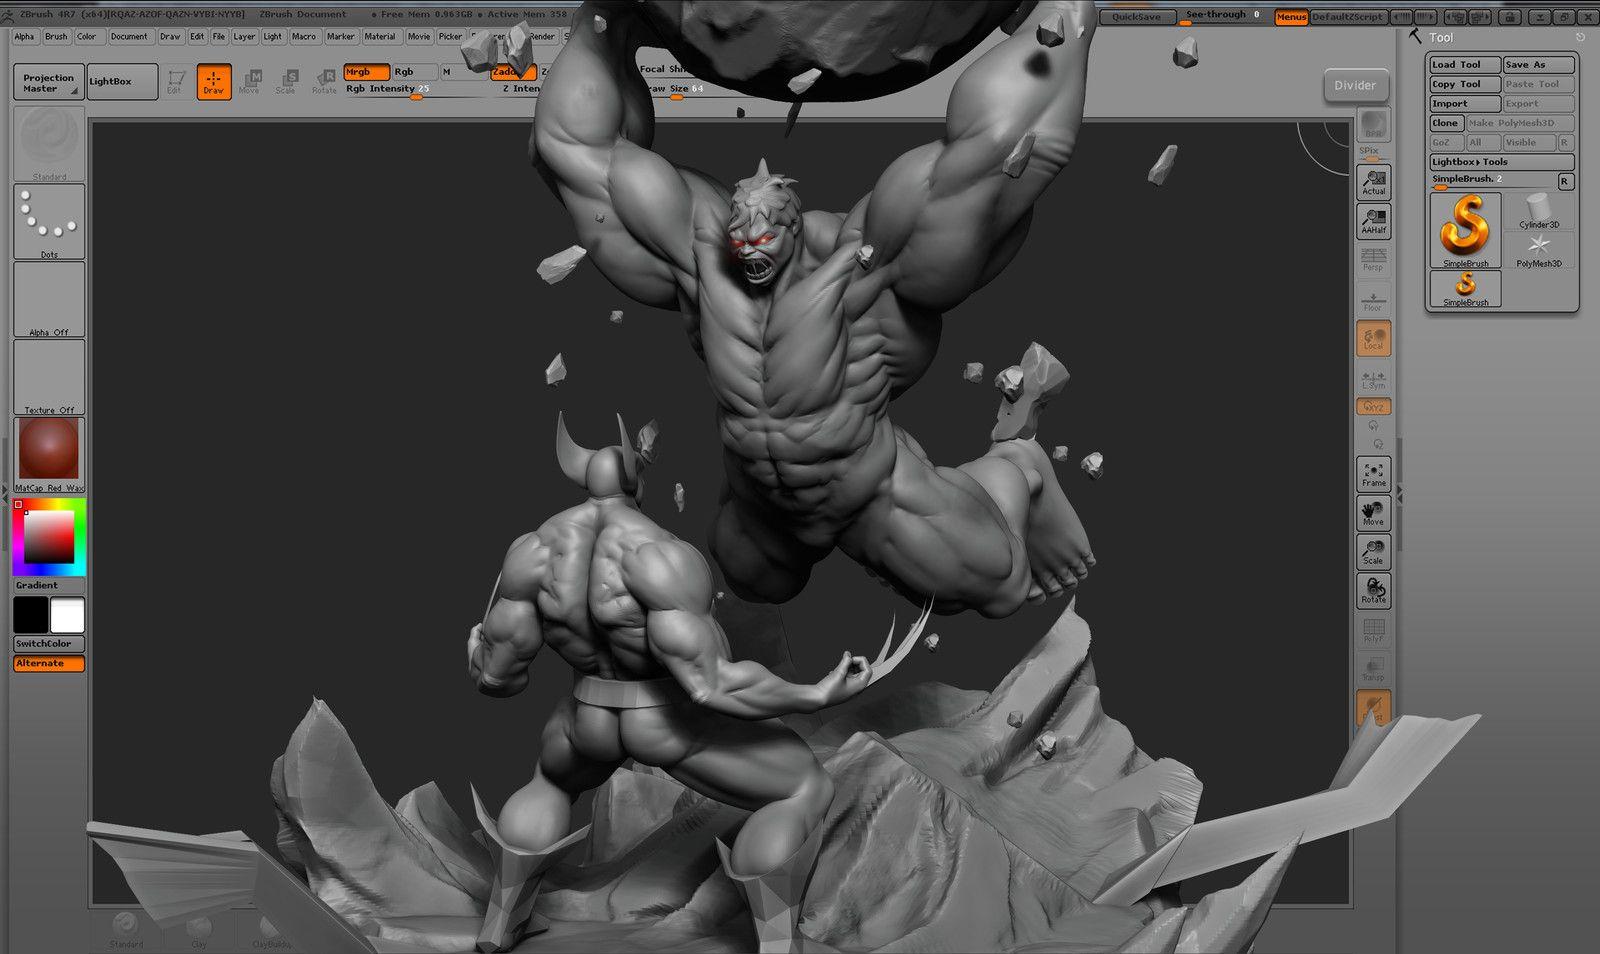 Hulk Vs Wolverine WIP ., Vijay Pratap Singh on ArtStation at https://www.artstation.com/artwork/JPKmn